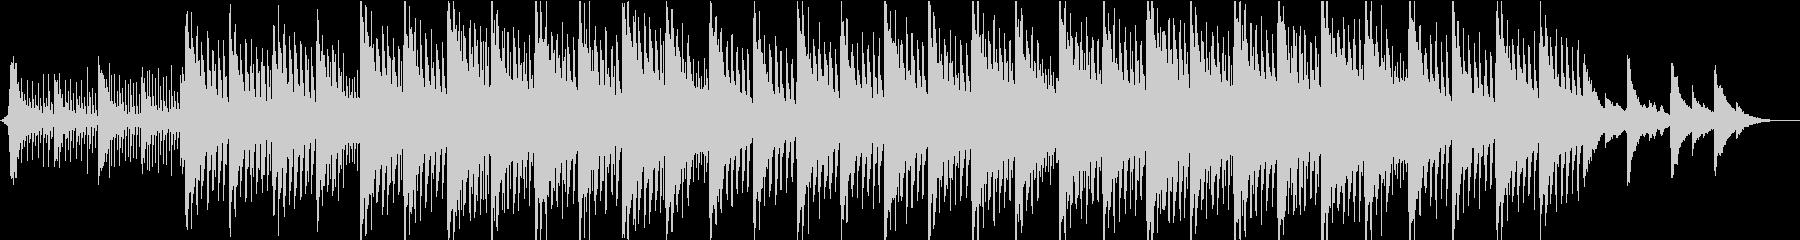 神秘的リラックス…雪のようなピアノの未再生の波形